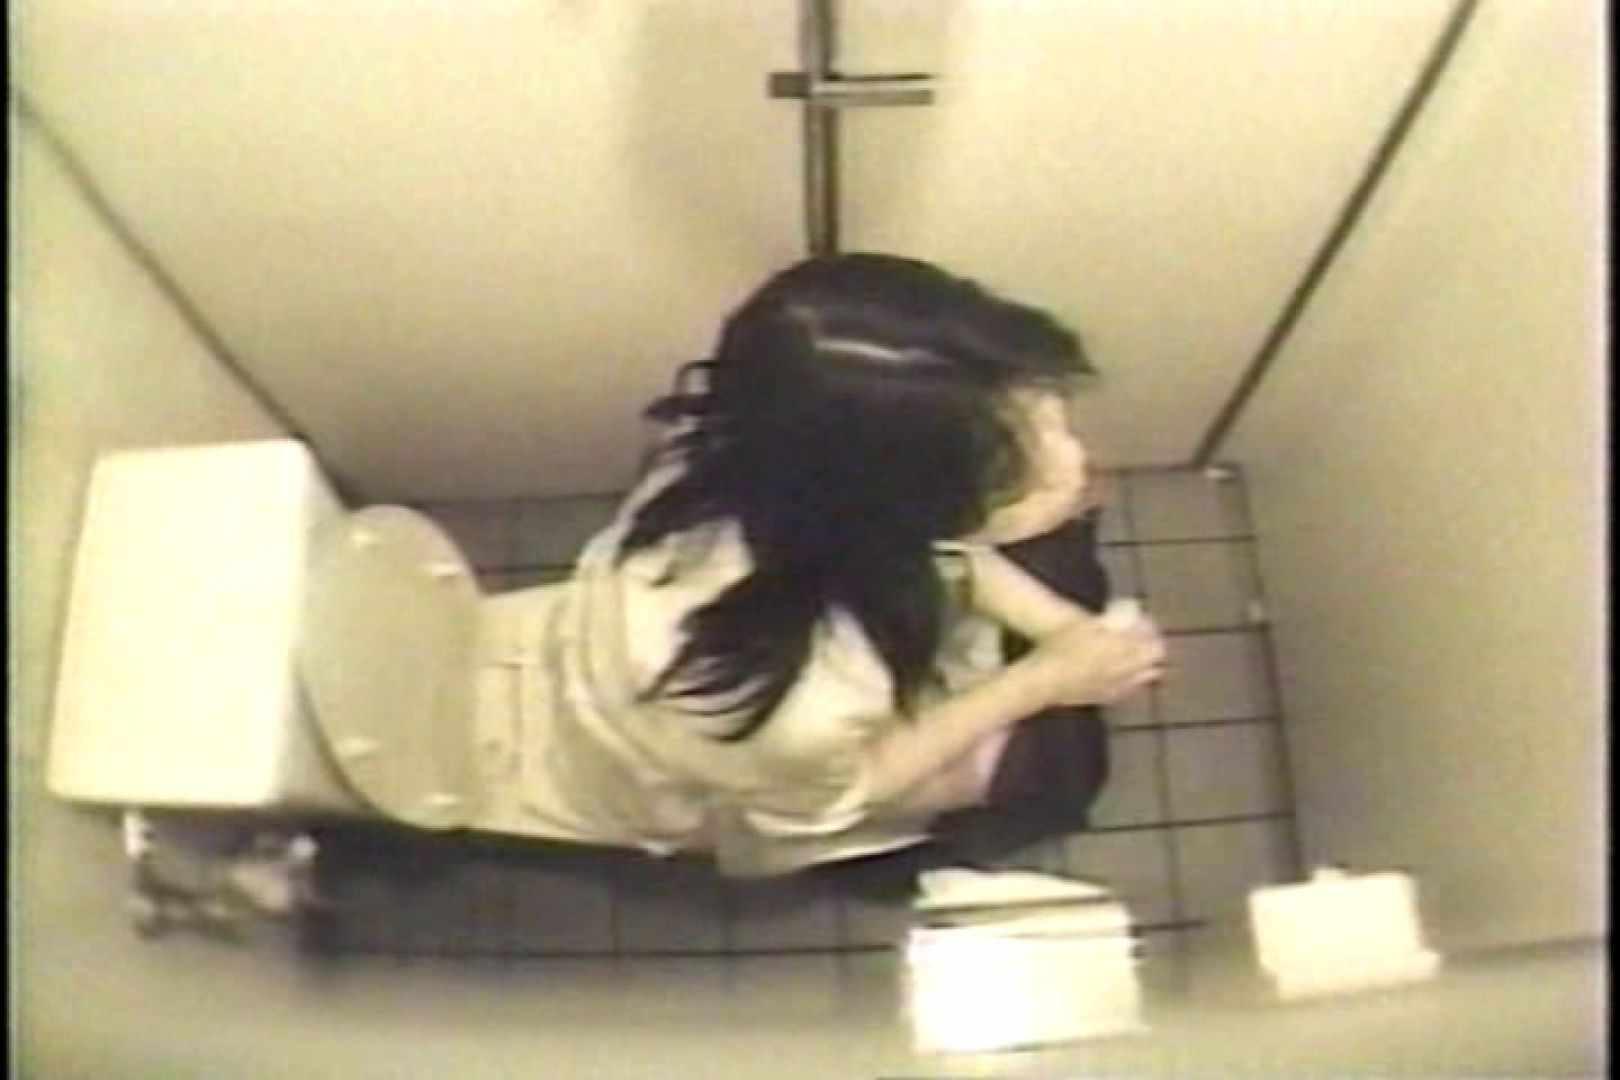 盗撮 女子洗面所3ヶ所入ってしゃがんで音出して プライベート  67pic 48